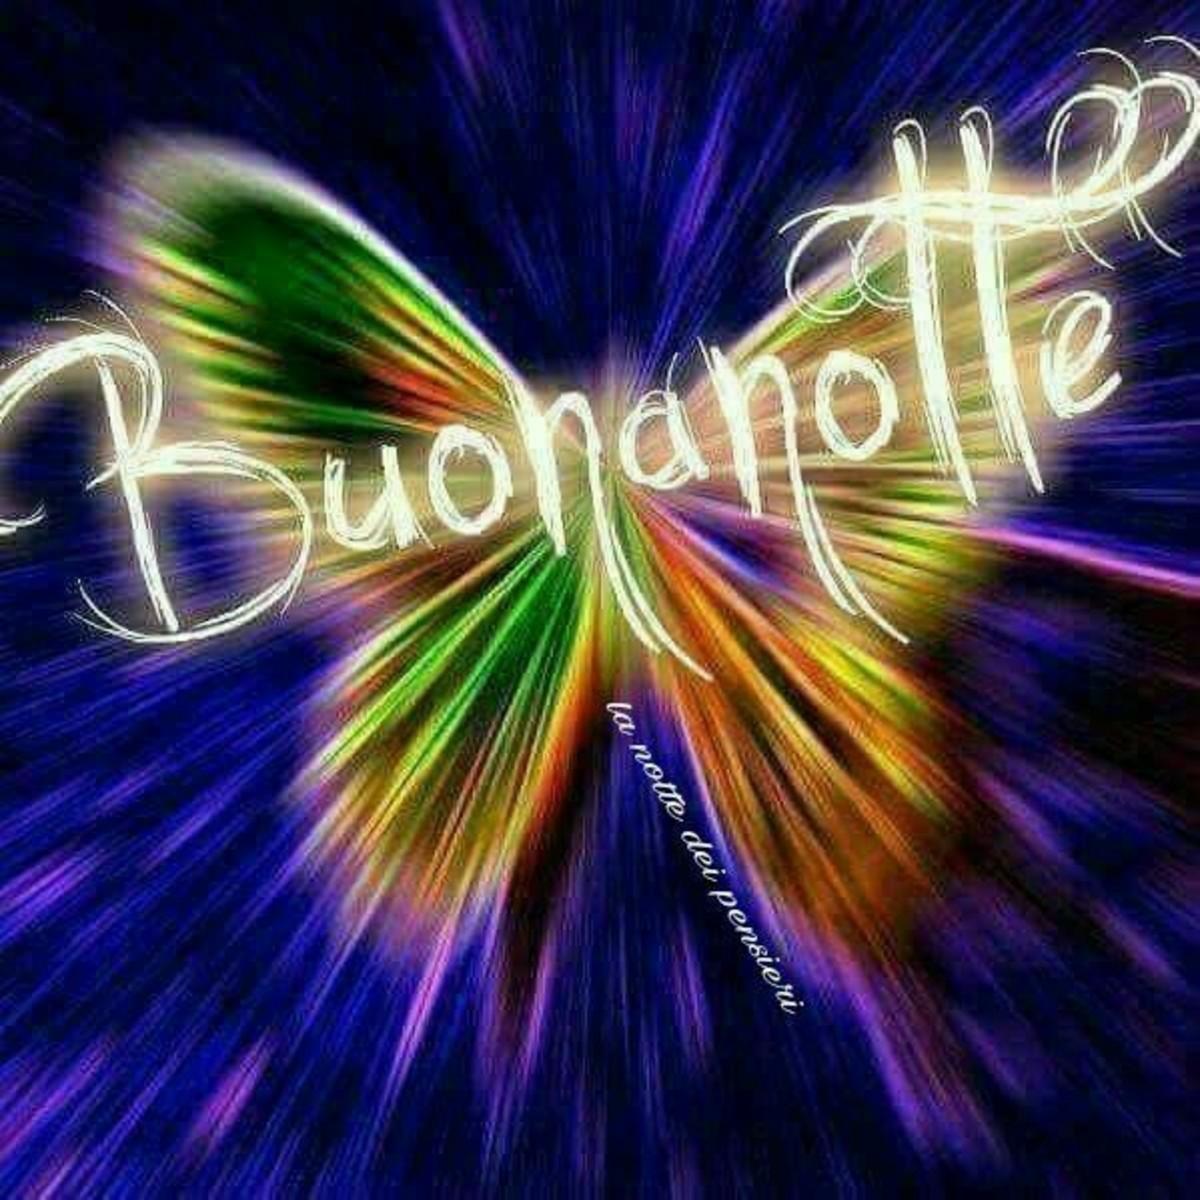 Immagini Buonanotte Animate Archives Bellissimeimmagini It